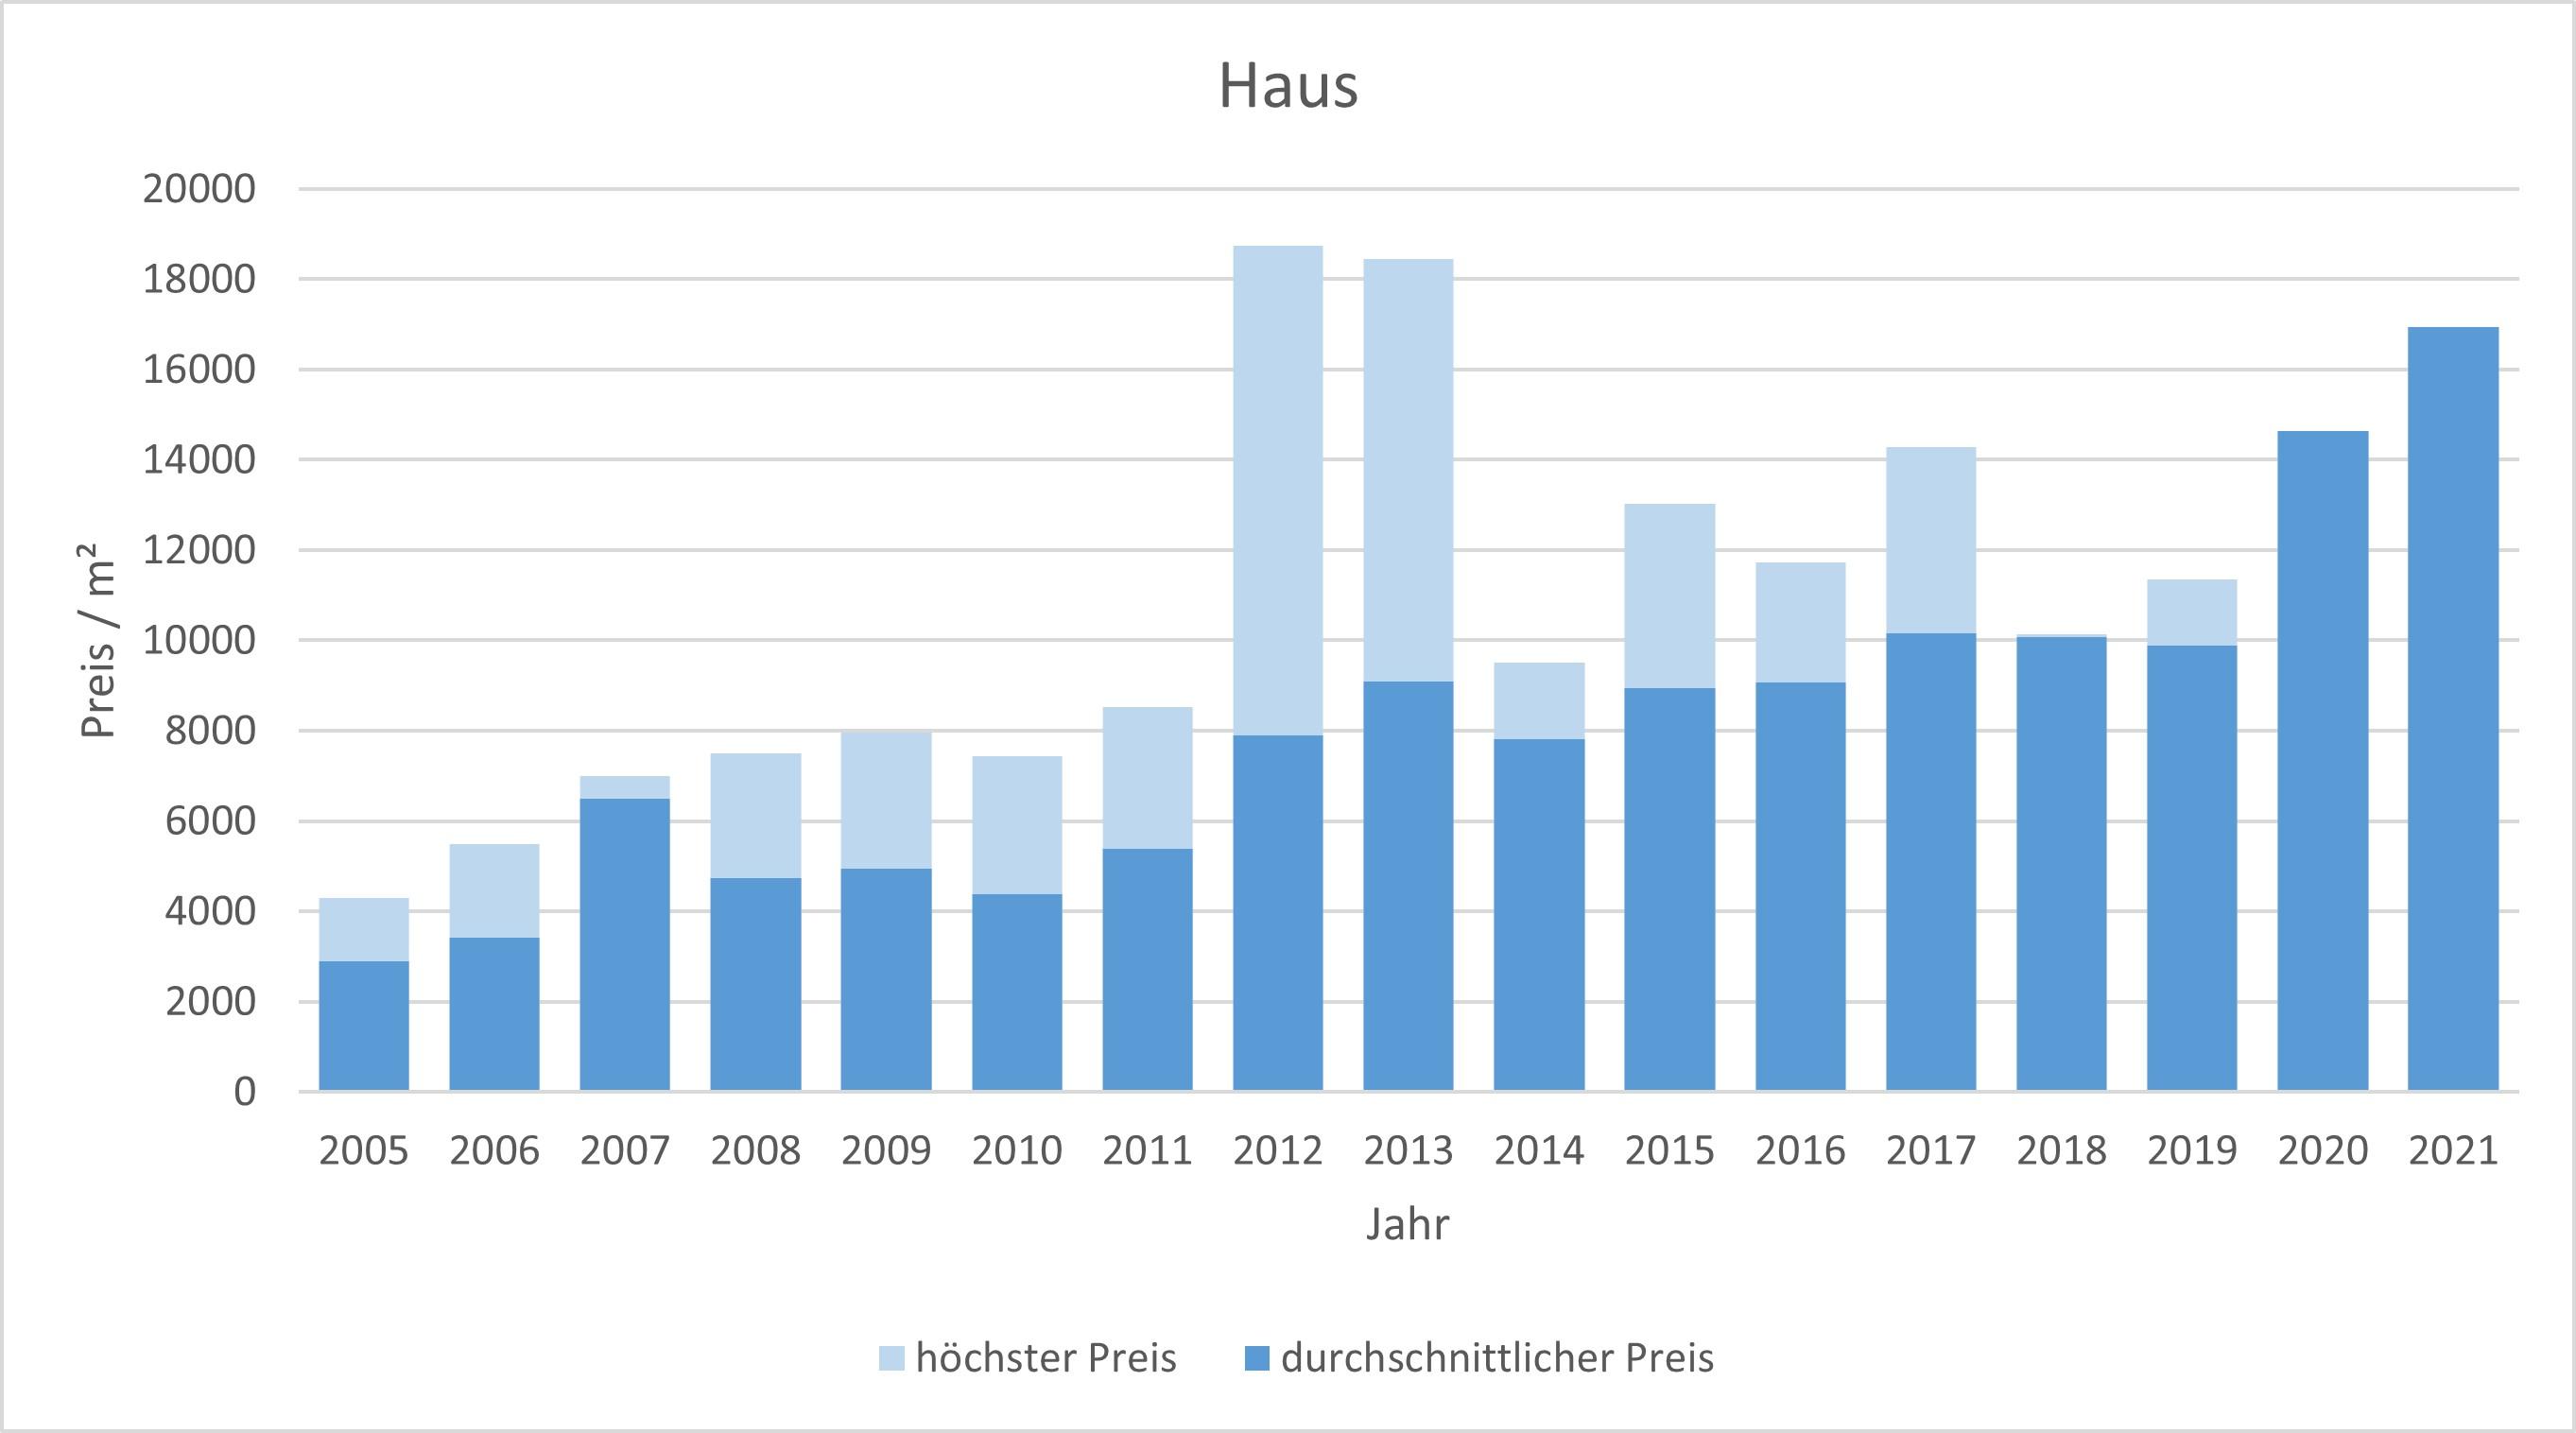 München - Haidhausen Haus kaufen verkaufen Preis Bewertung Makler 2019 2020 2021 www.happy-immo.de